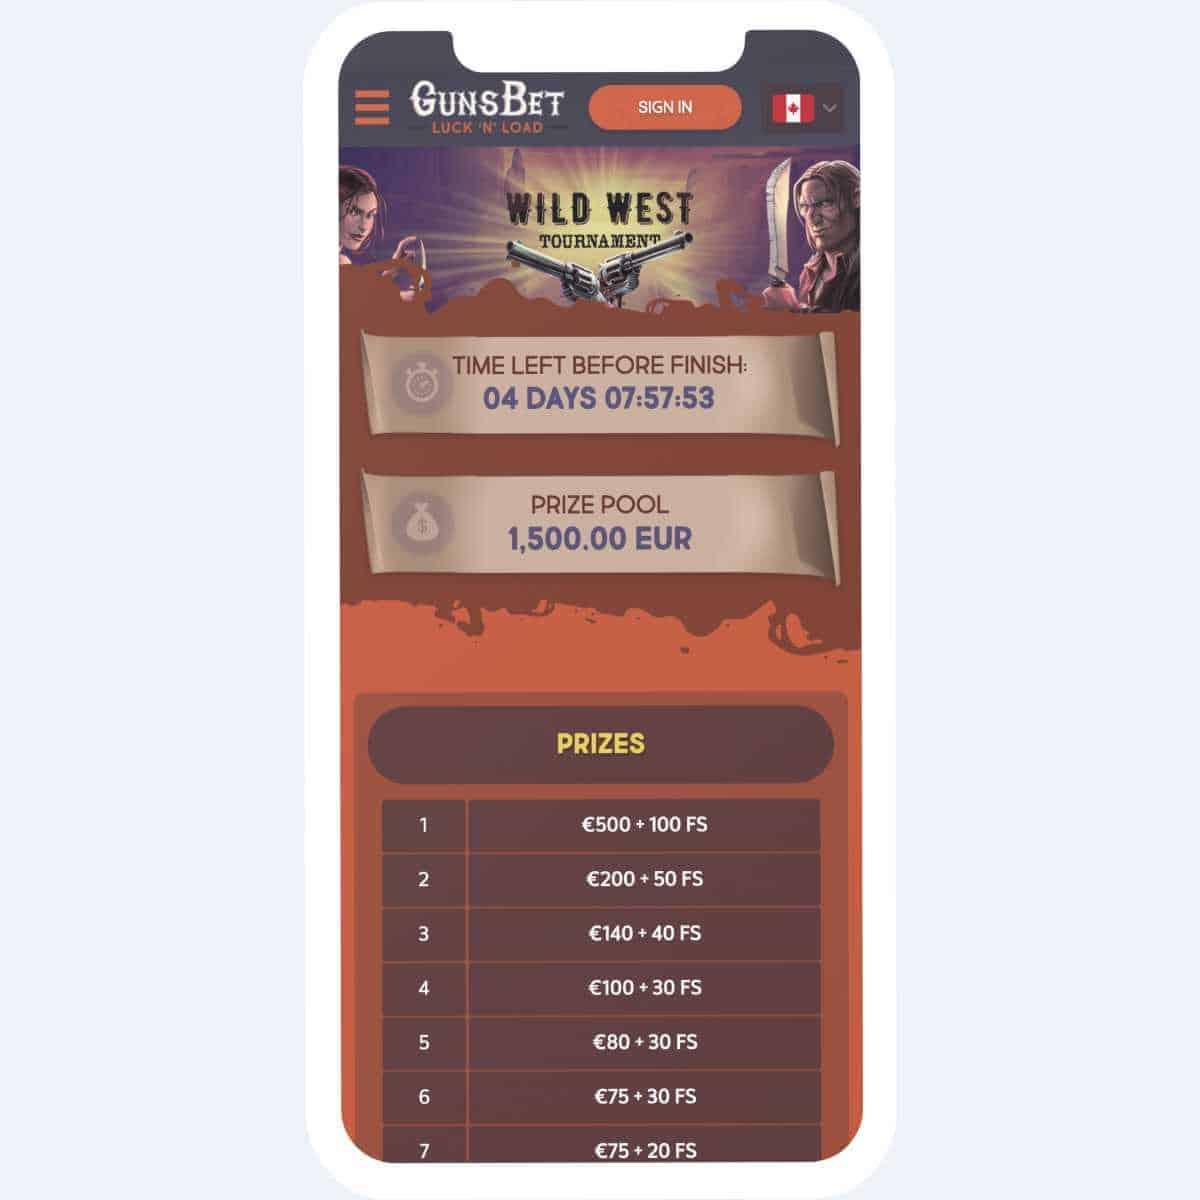 gunsbet casino prizes